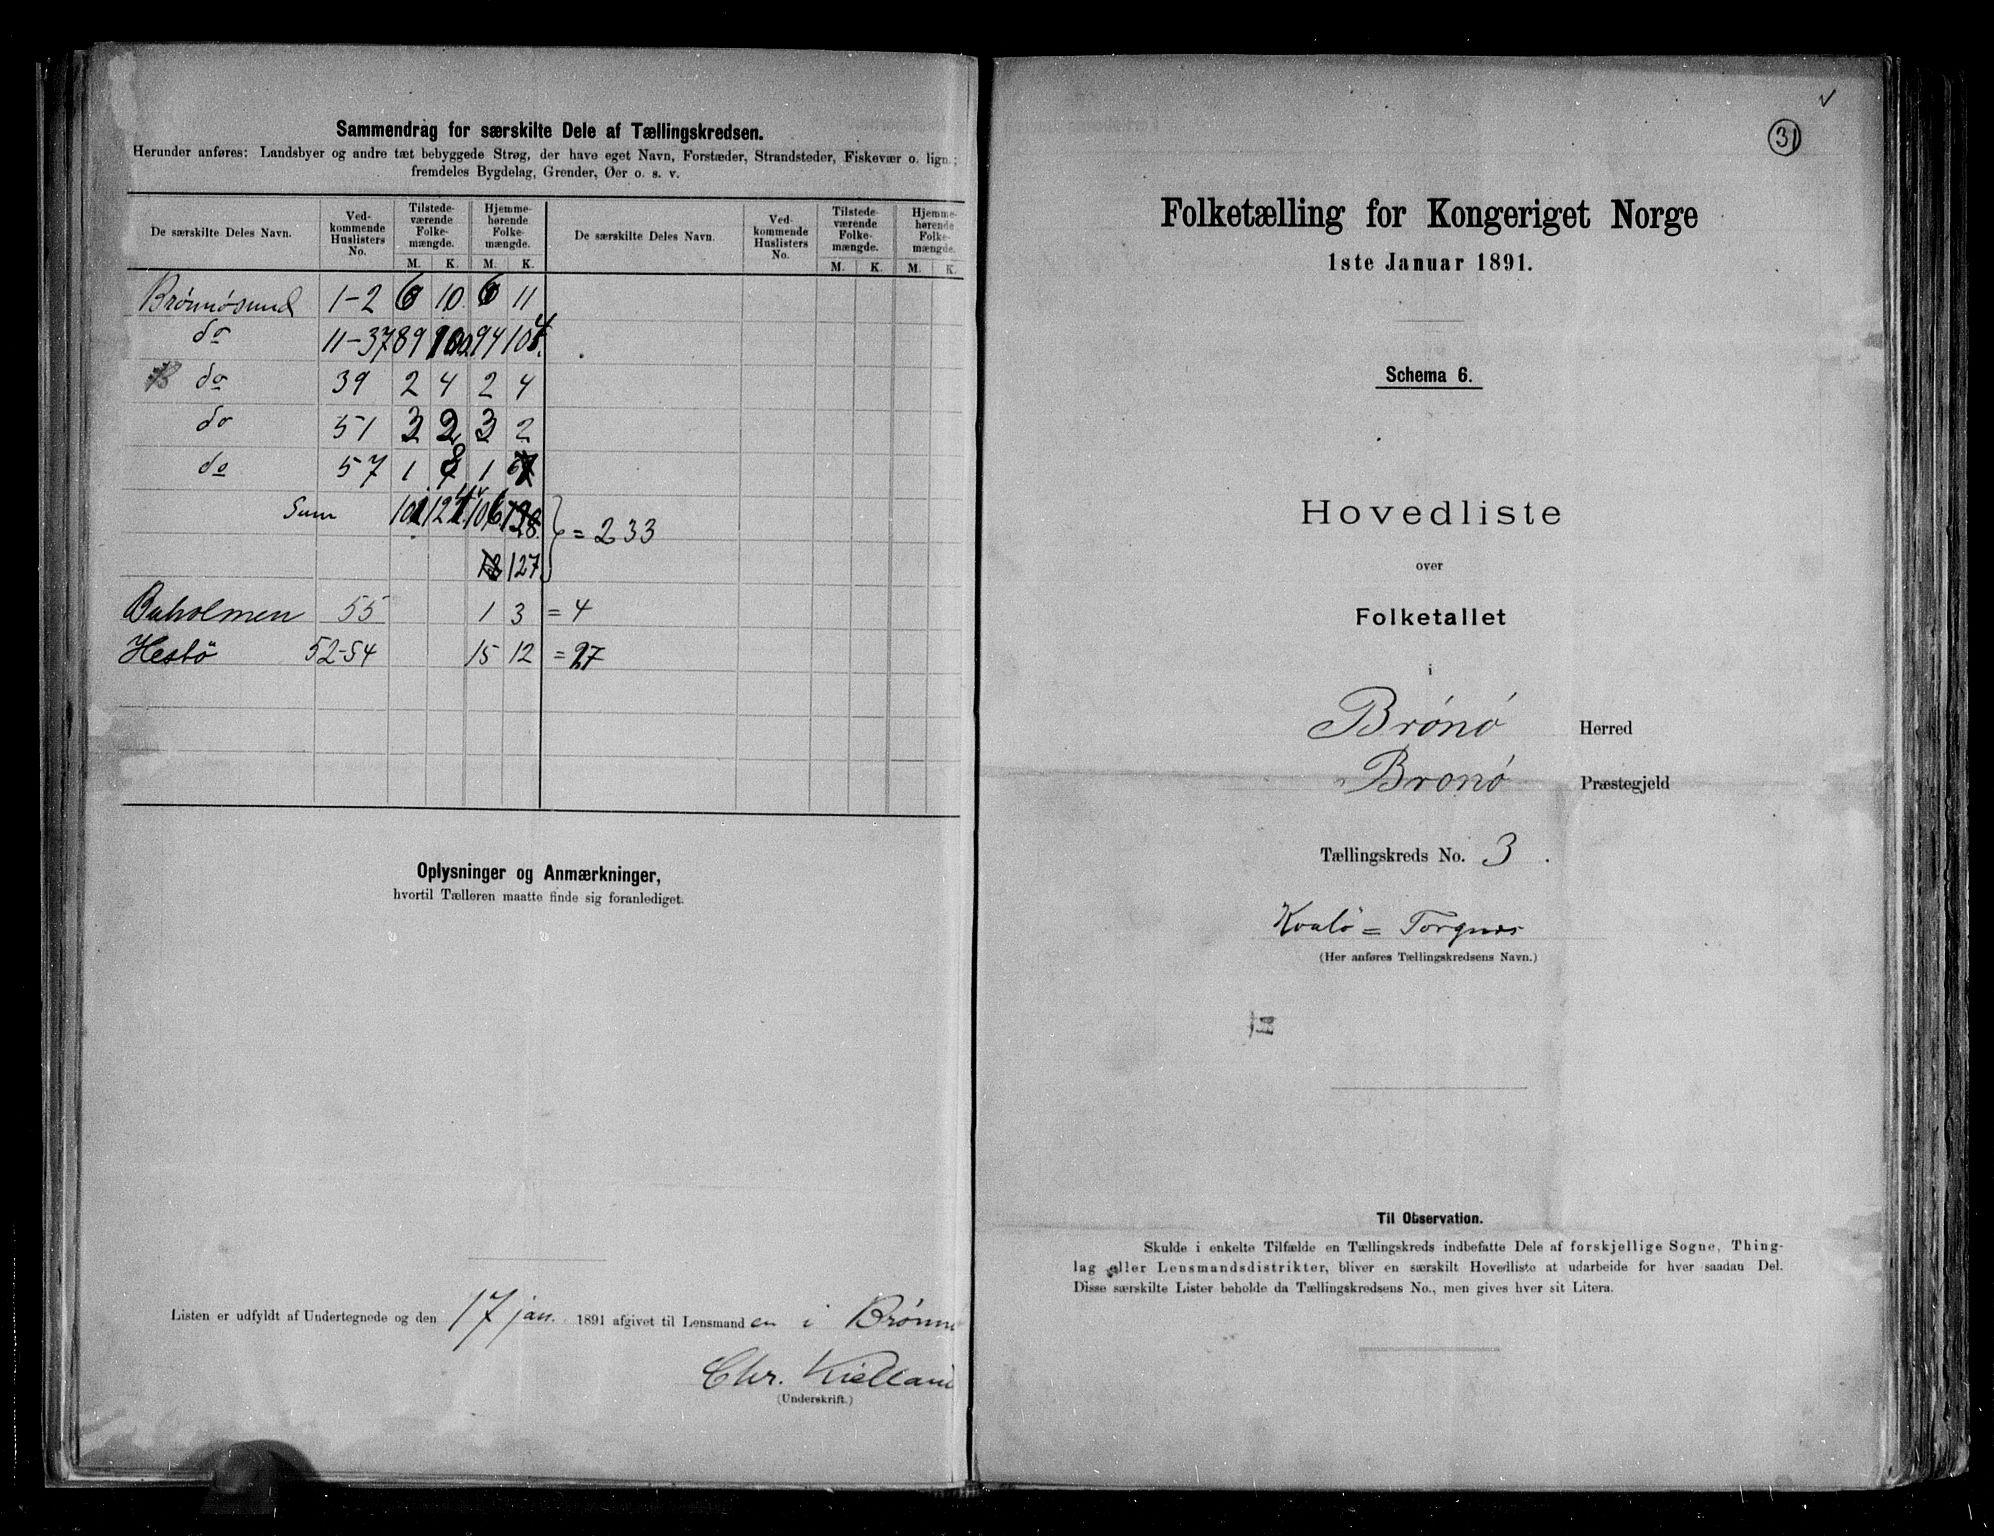 RA, Folketelling 1891 for 1814 Brønnøy herred, 1891, s. 9